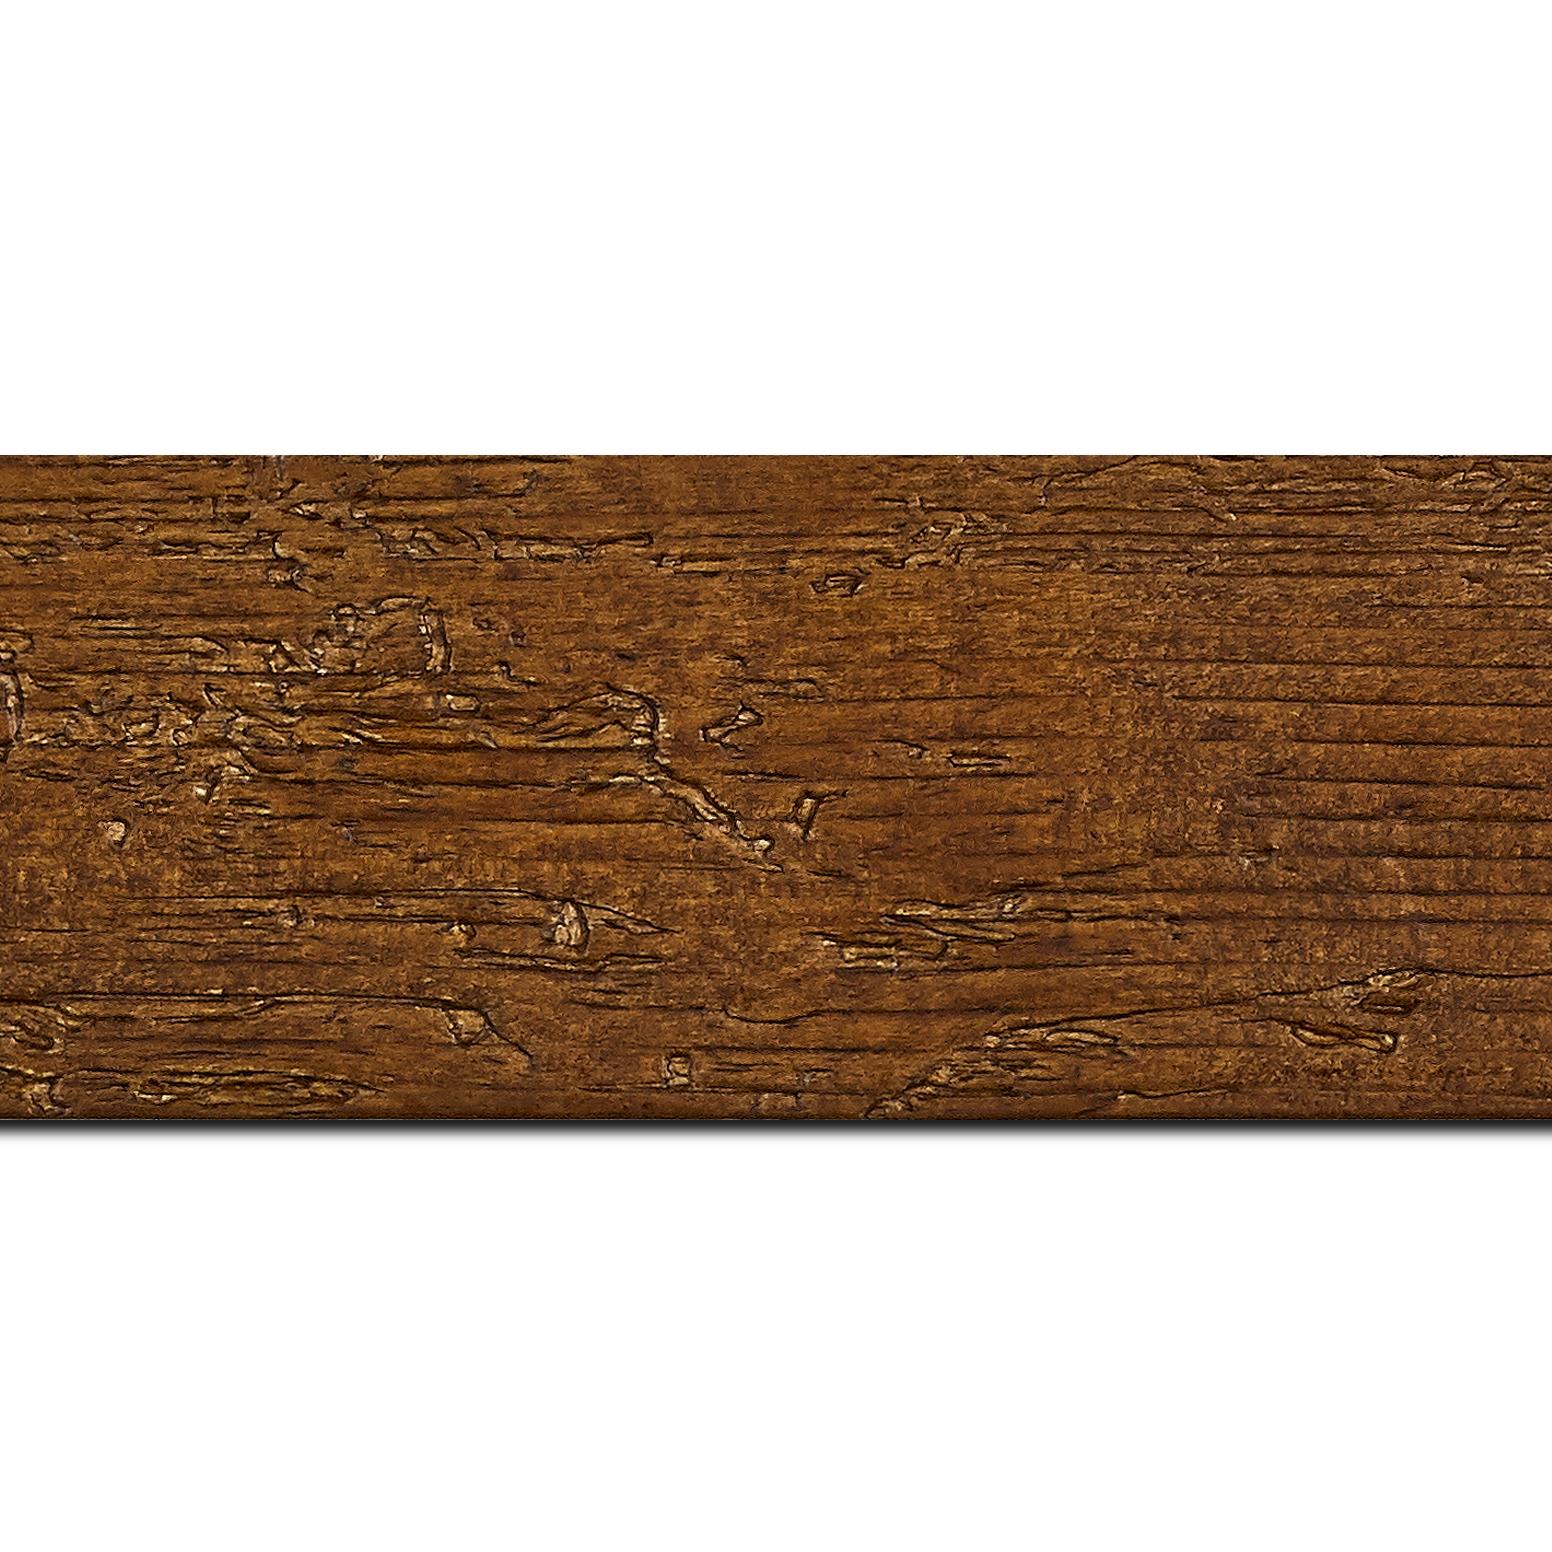 Baguette longueur 1.40m bois profil plat largeur 6.7cm couleur marron foncé finition aspect vieilli antique